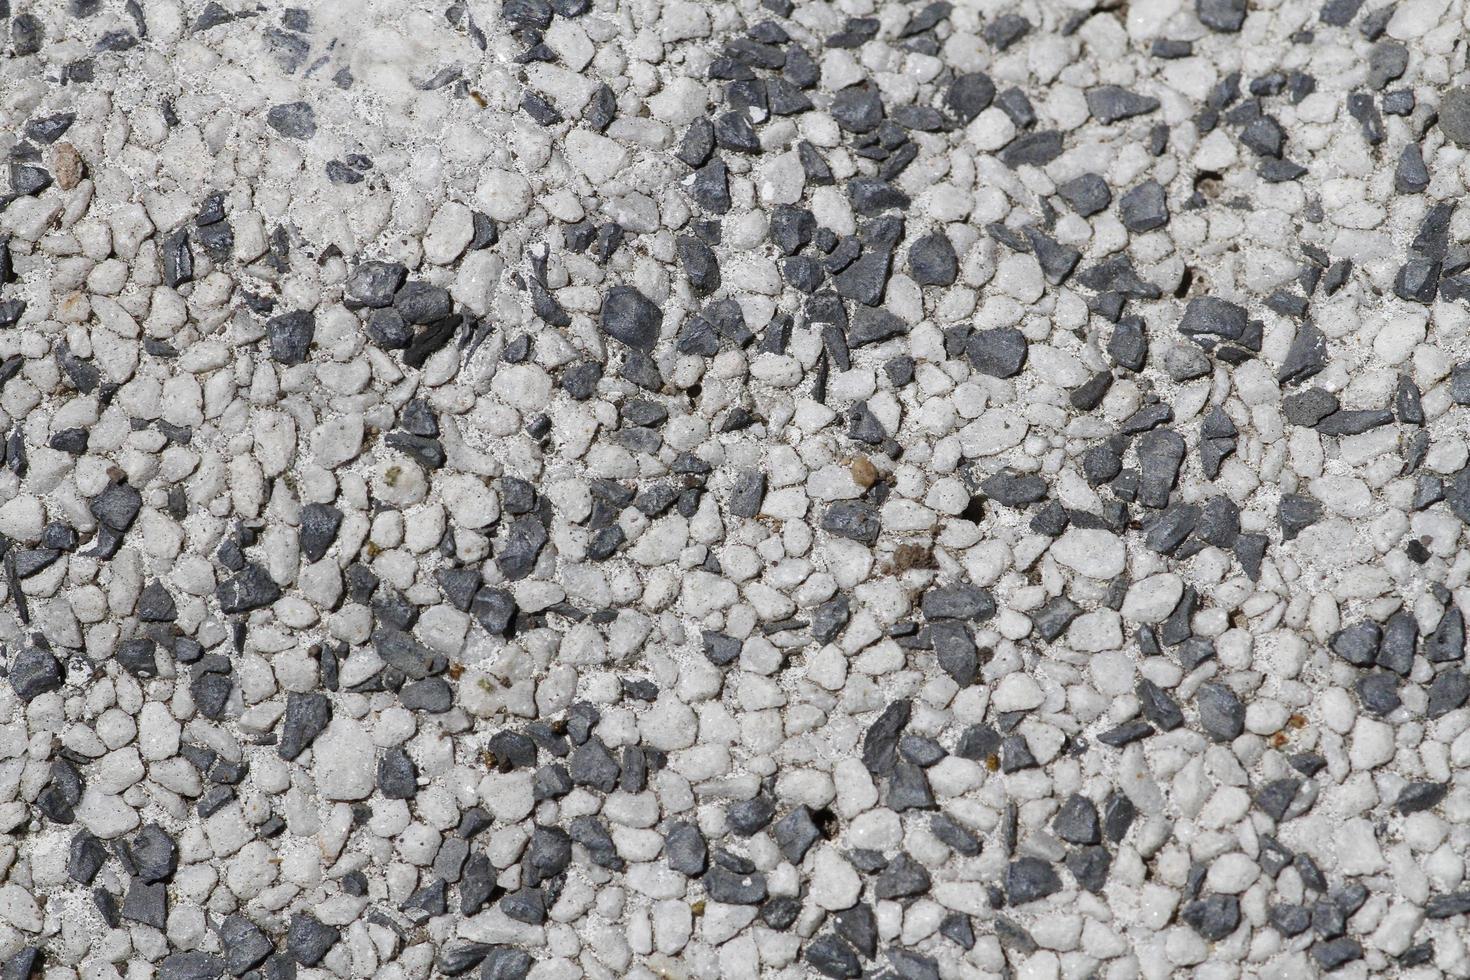 hormigón, yeso, revestimiento de paredes, suelos de guijarros pequeños foto